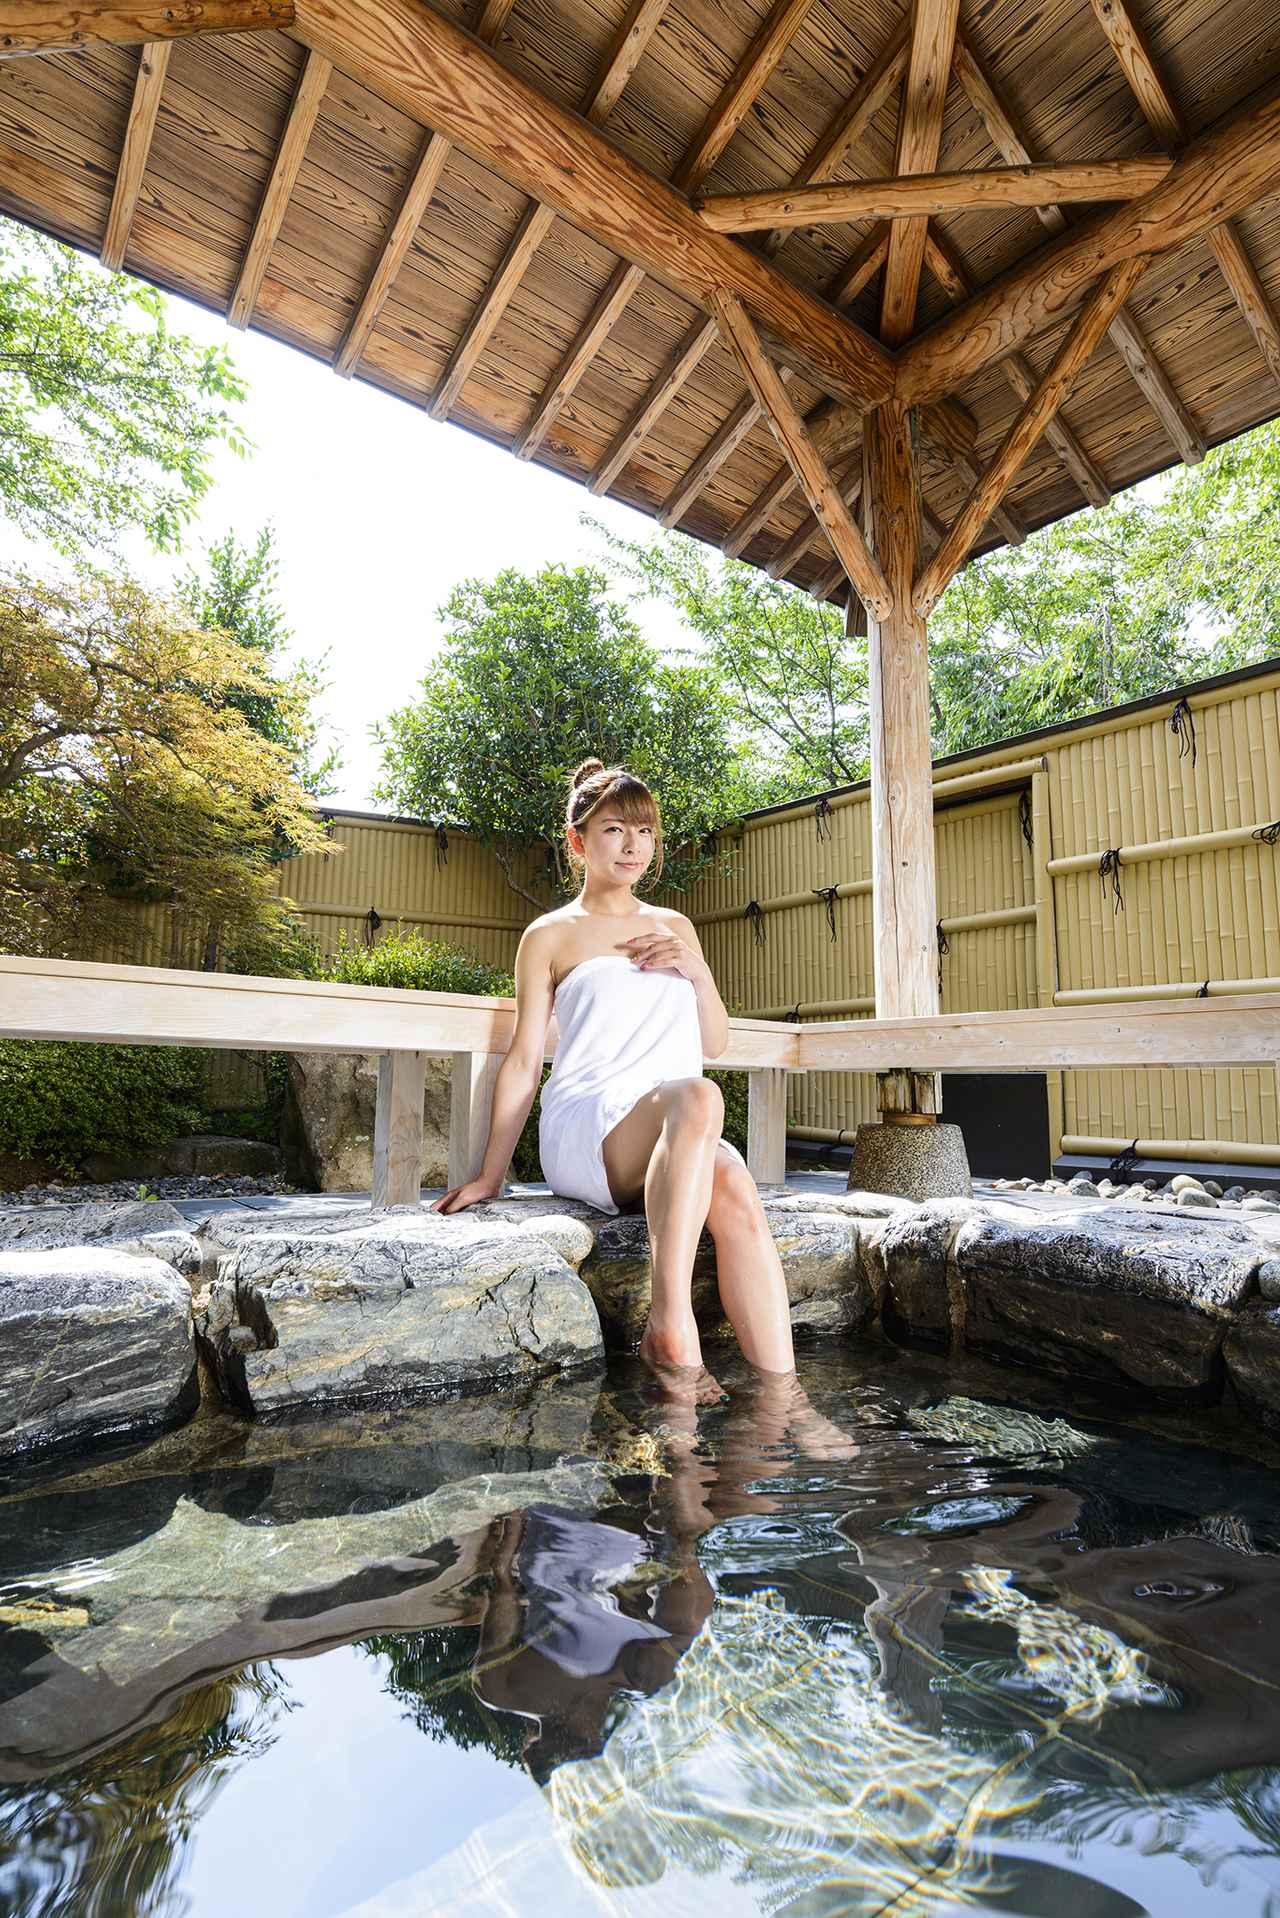 Images : 7番目の画像 - バーデン温泉 - webオートバイ